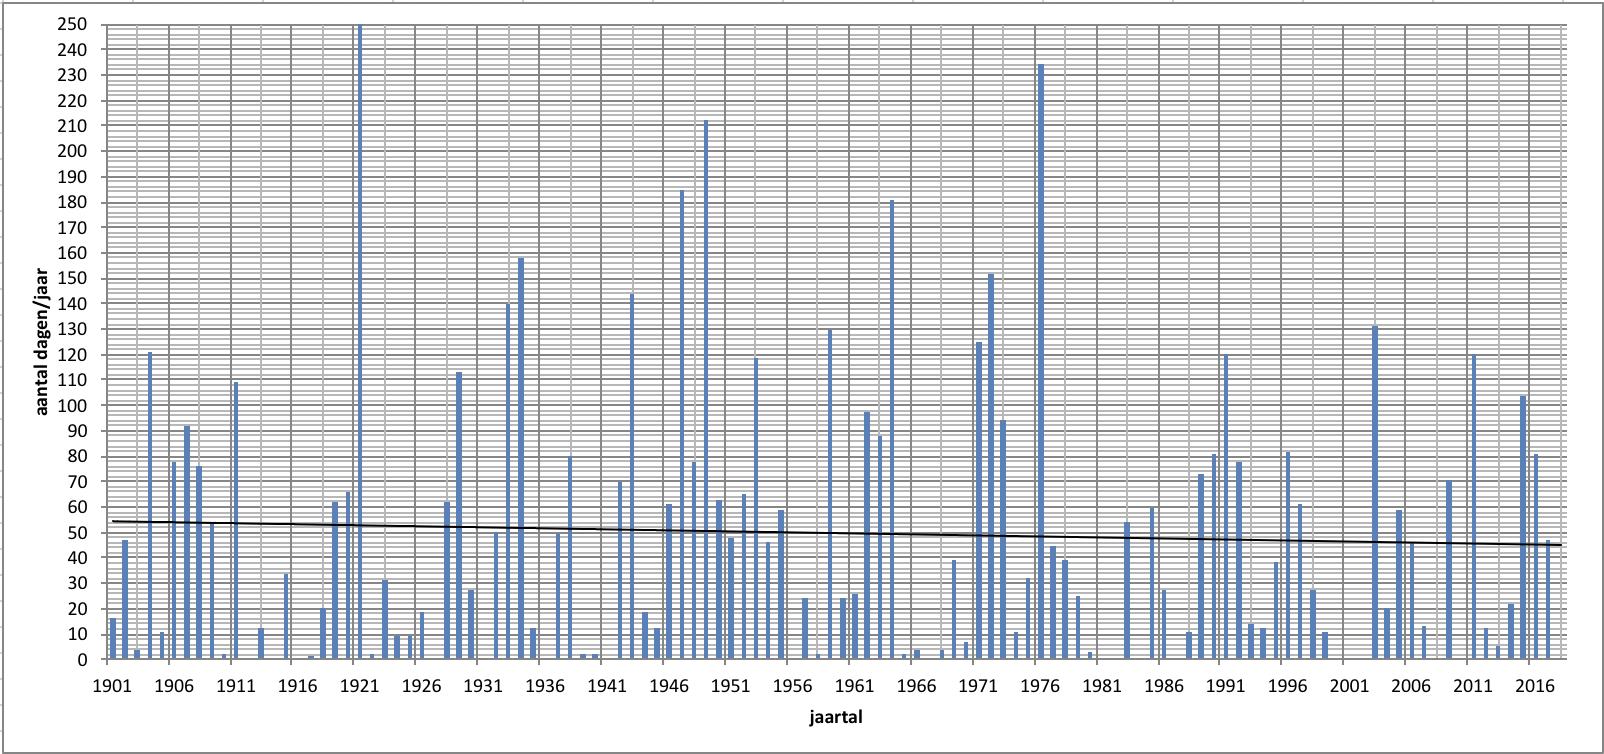 aantal dagen per jaar met Rijnafvoer < 1.250 m3/s